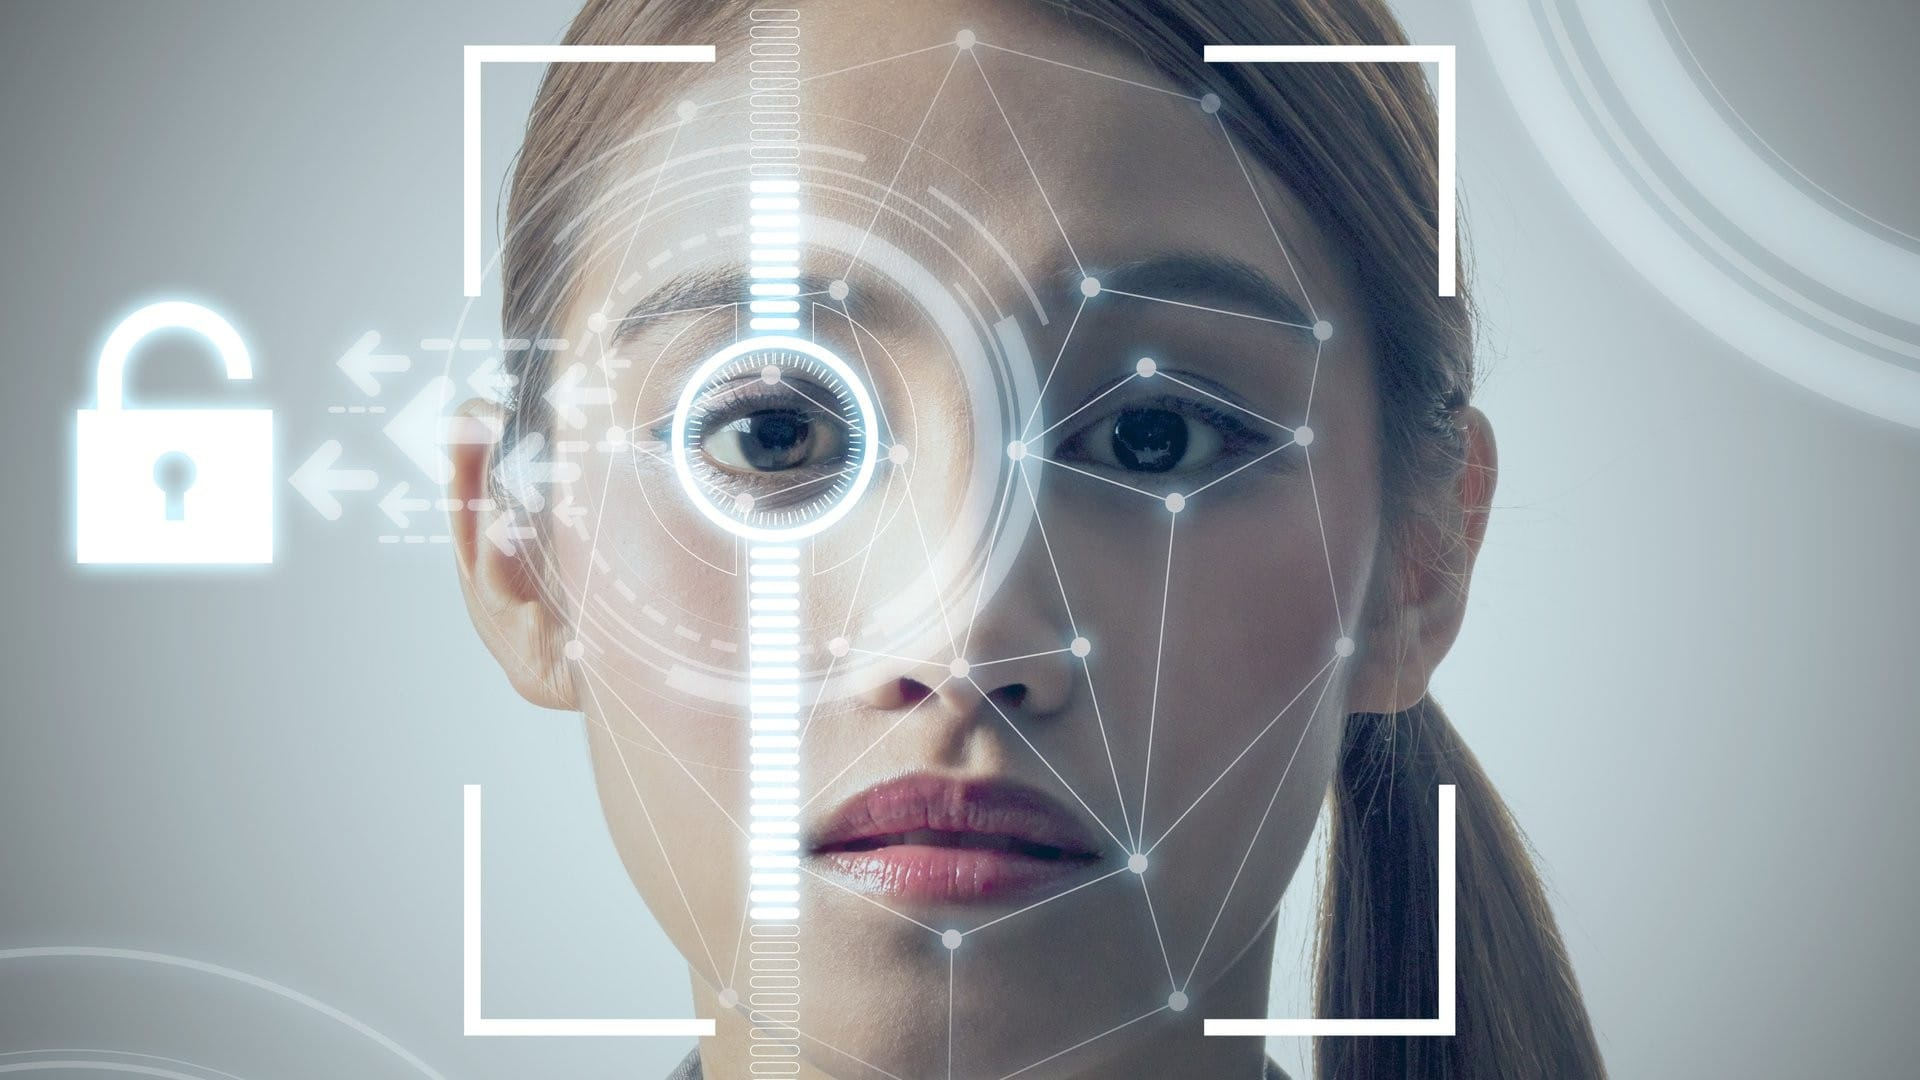 «Ростелеком» создал типовое решение для безопасного сбора биометрических данных